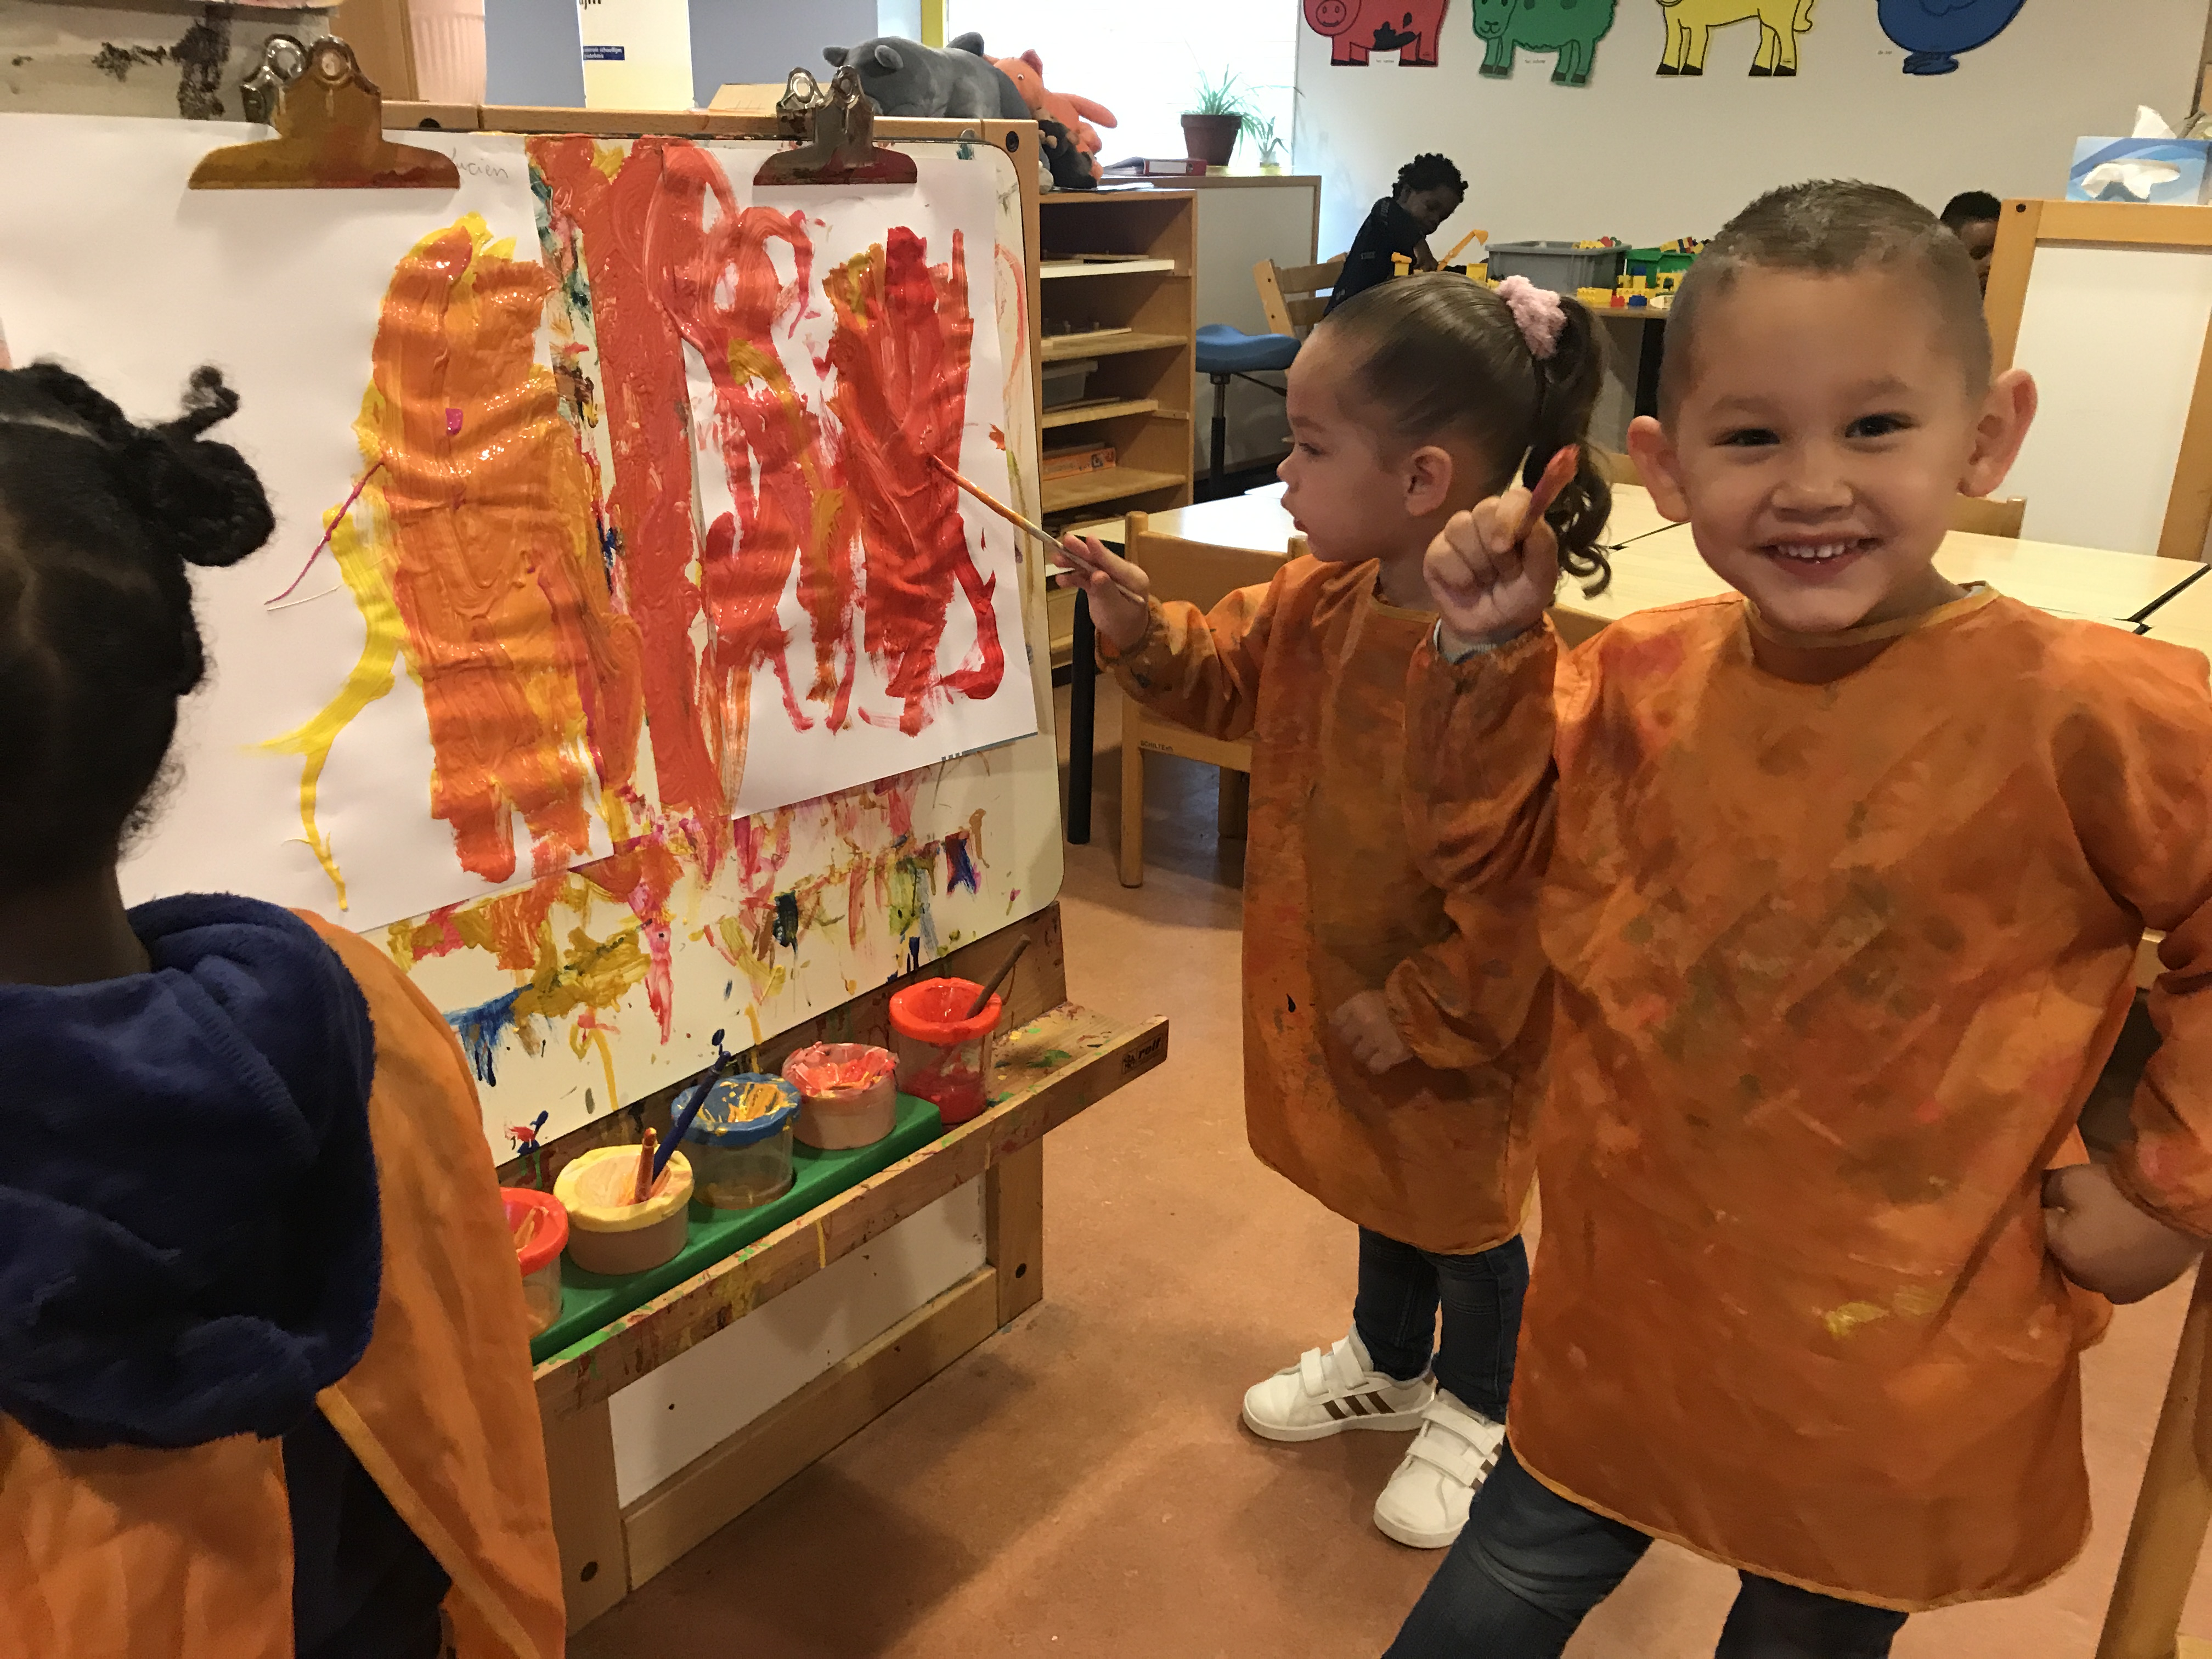 Peuteropvang Ienemini Selwerd Groningen - Kids First COP groep kinderopvang